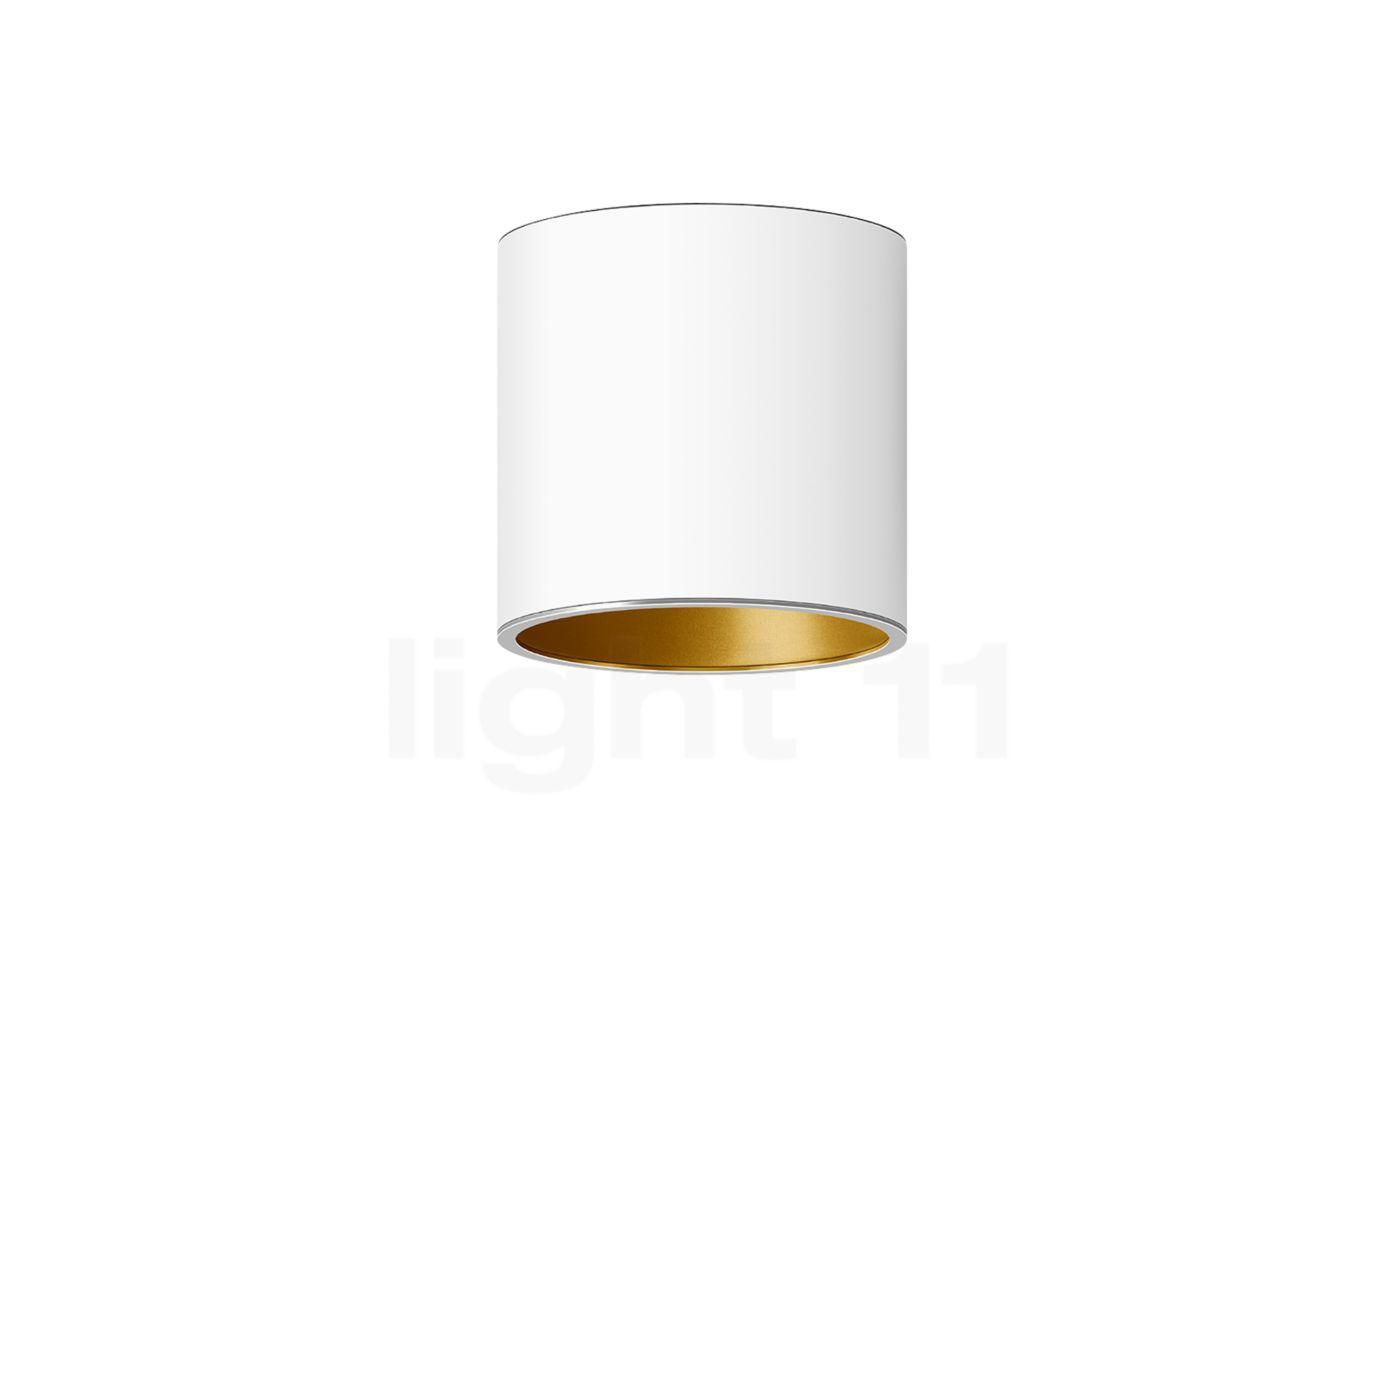 Bega Studio Line Deckenleuchte Tiefstrahler LED rund, weiß/Messing matt, 9,6 W 50677.4K3